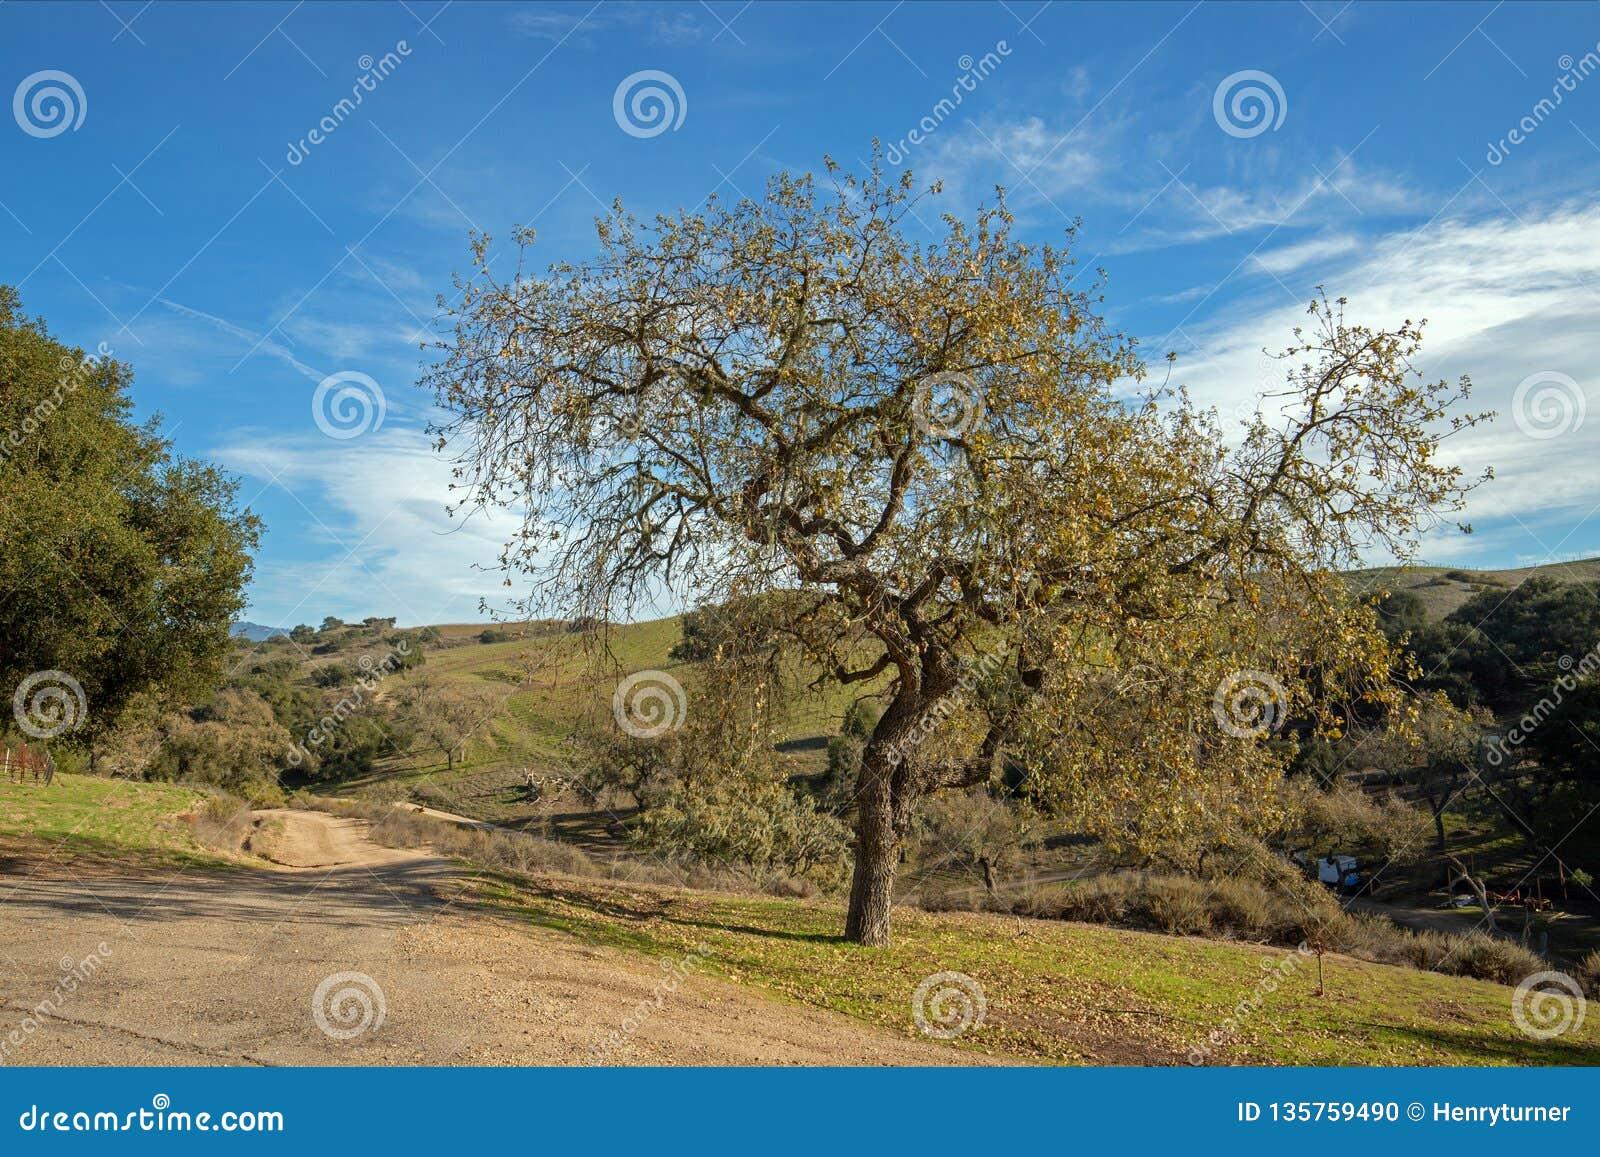 Roble de California en invierno en el viñedo central de California cerca de Santa Barbara California los E.E.U.U.